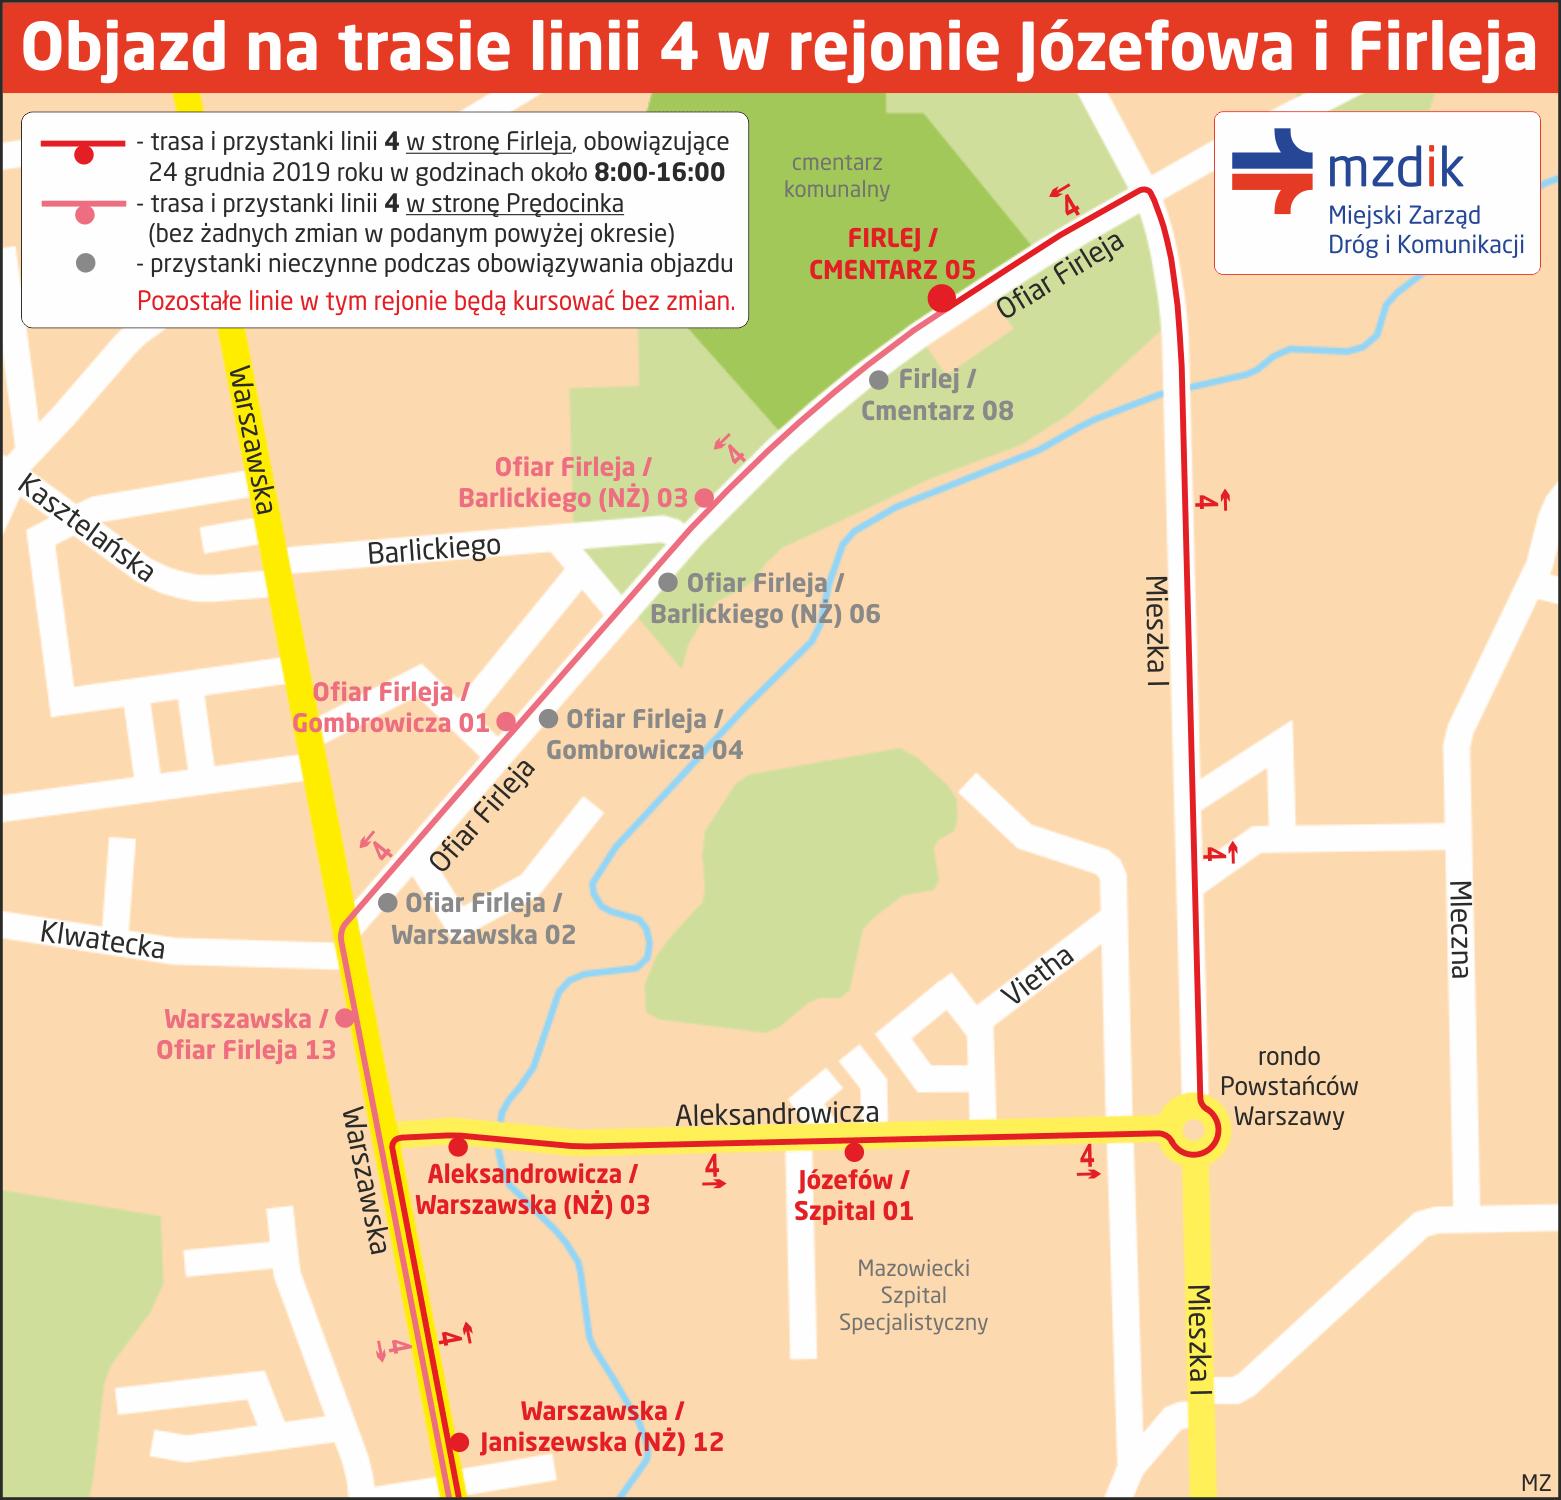 Objazd-Jozefow-Firlej-wig-2019